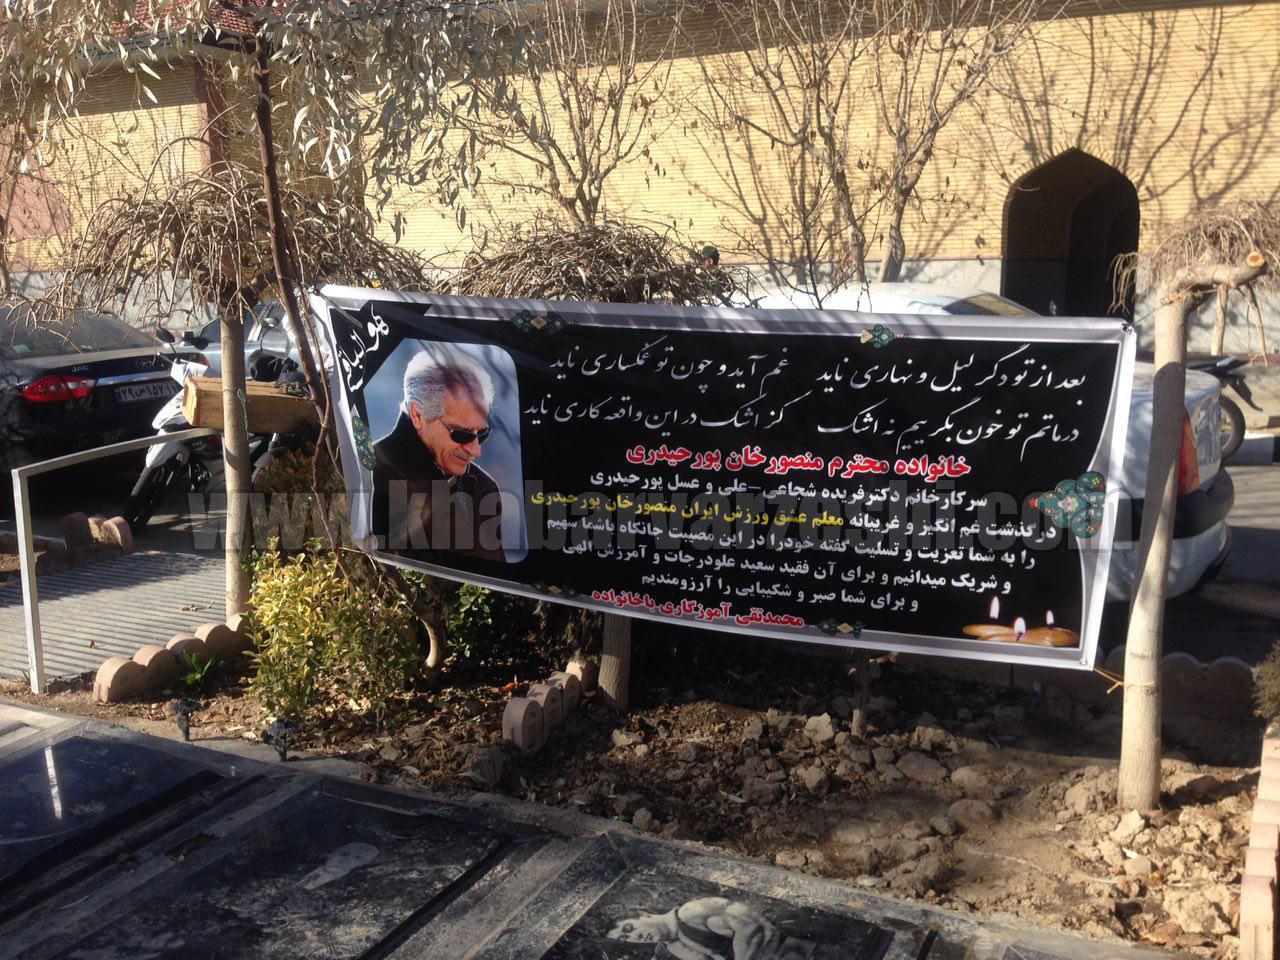 گزارش تصویری| مراسم چهلمین روز درگذشت منصور پورحیدری